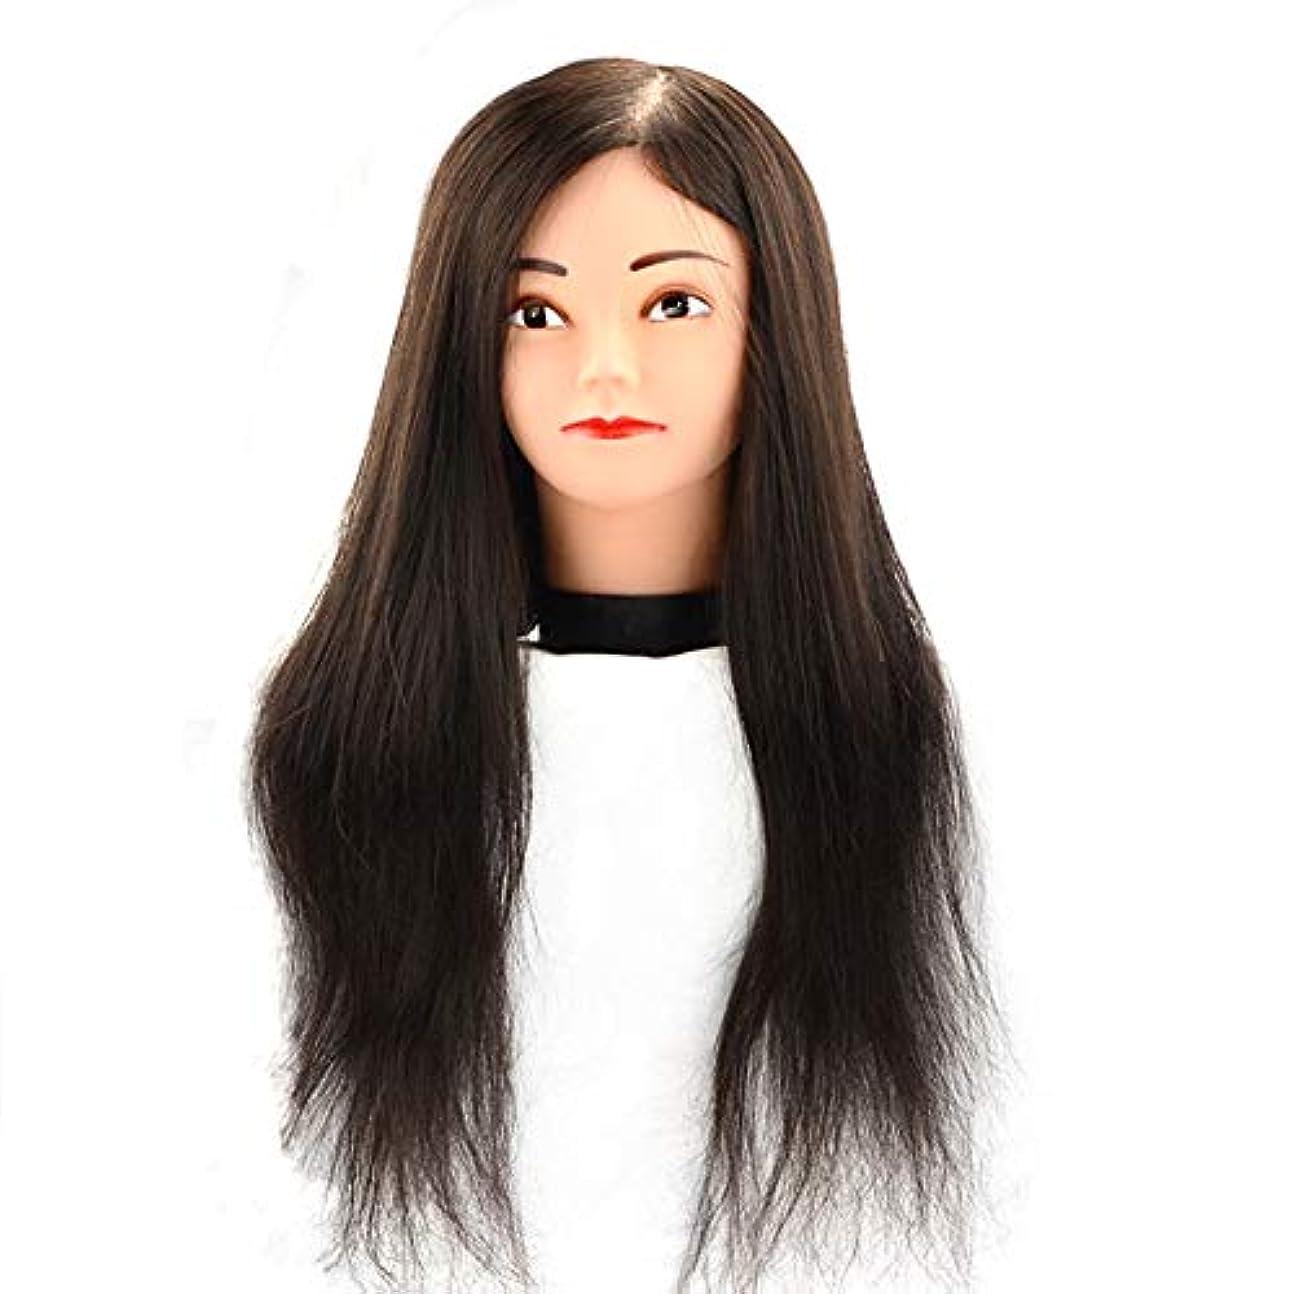 請求書封筒船外理髪店パーマ染め髪ダミー練習ヘッド花嫁ディスク髪編組学習ヘッドモデルヘアマネキンヘッド